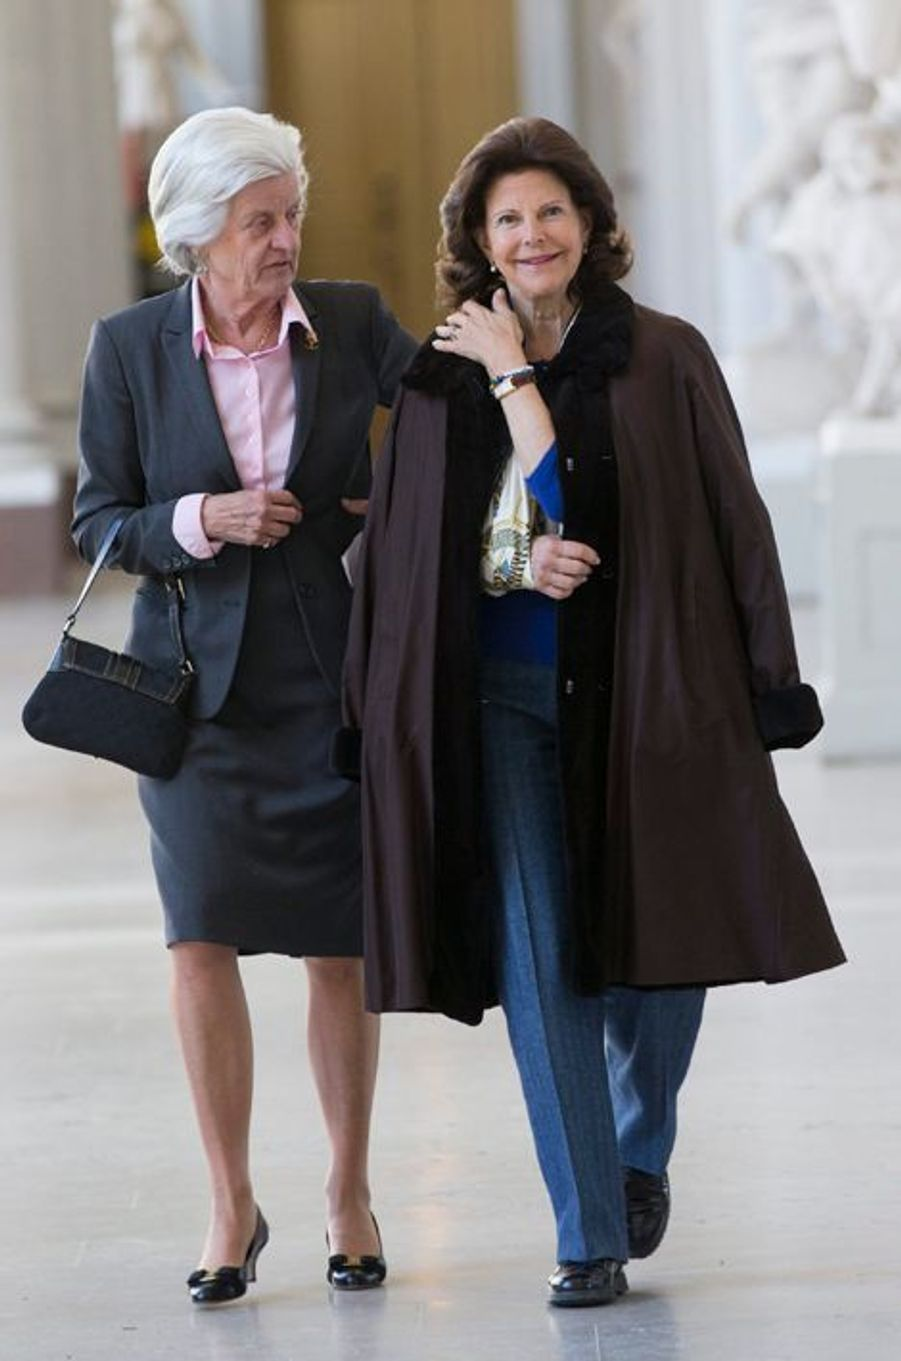 La reine Silvia de Suède avec sa dame de compagnie à Stockholm, le 13 avril 2015